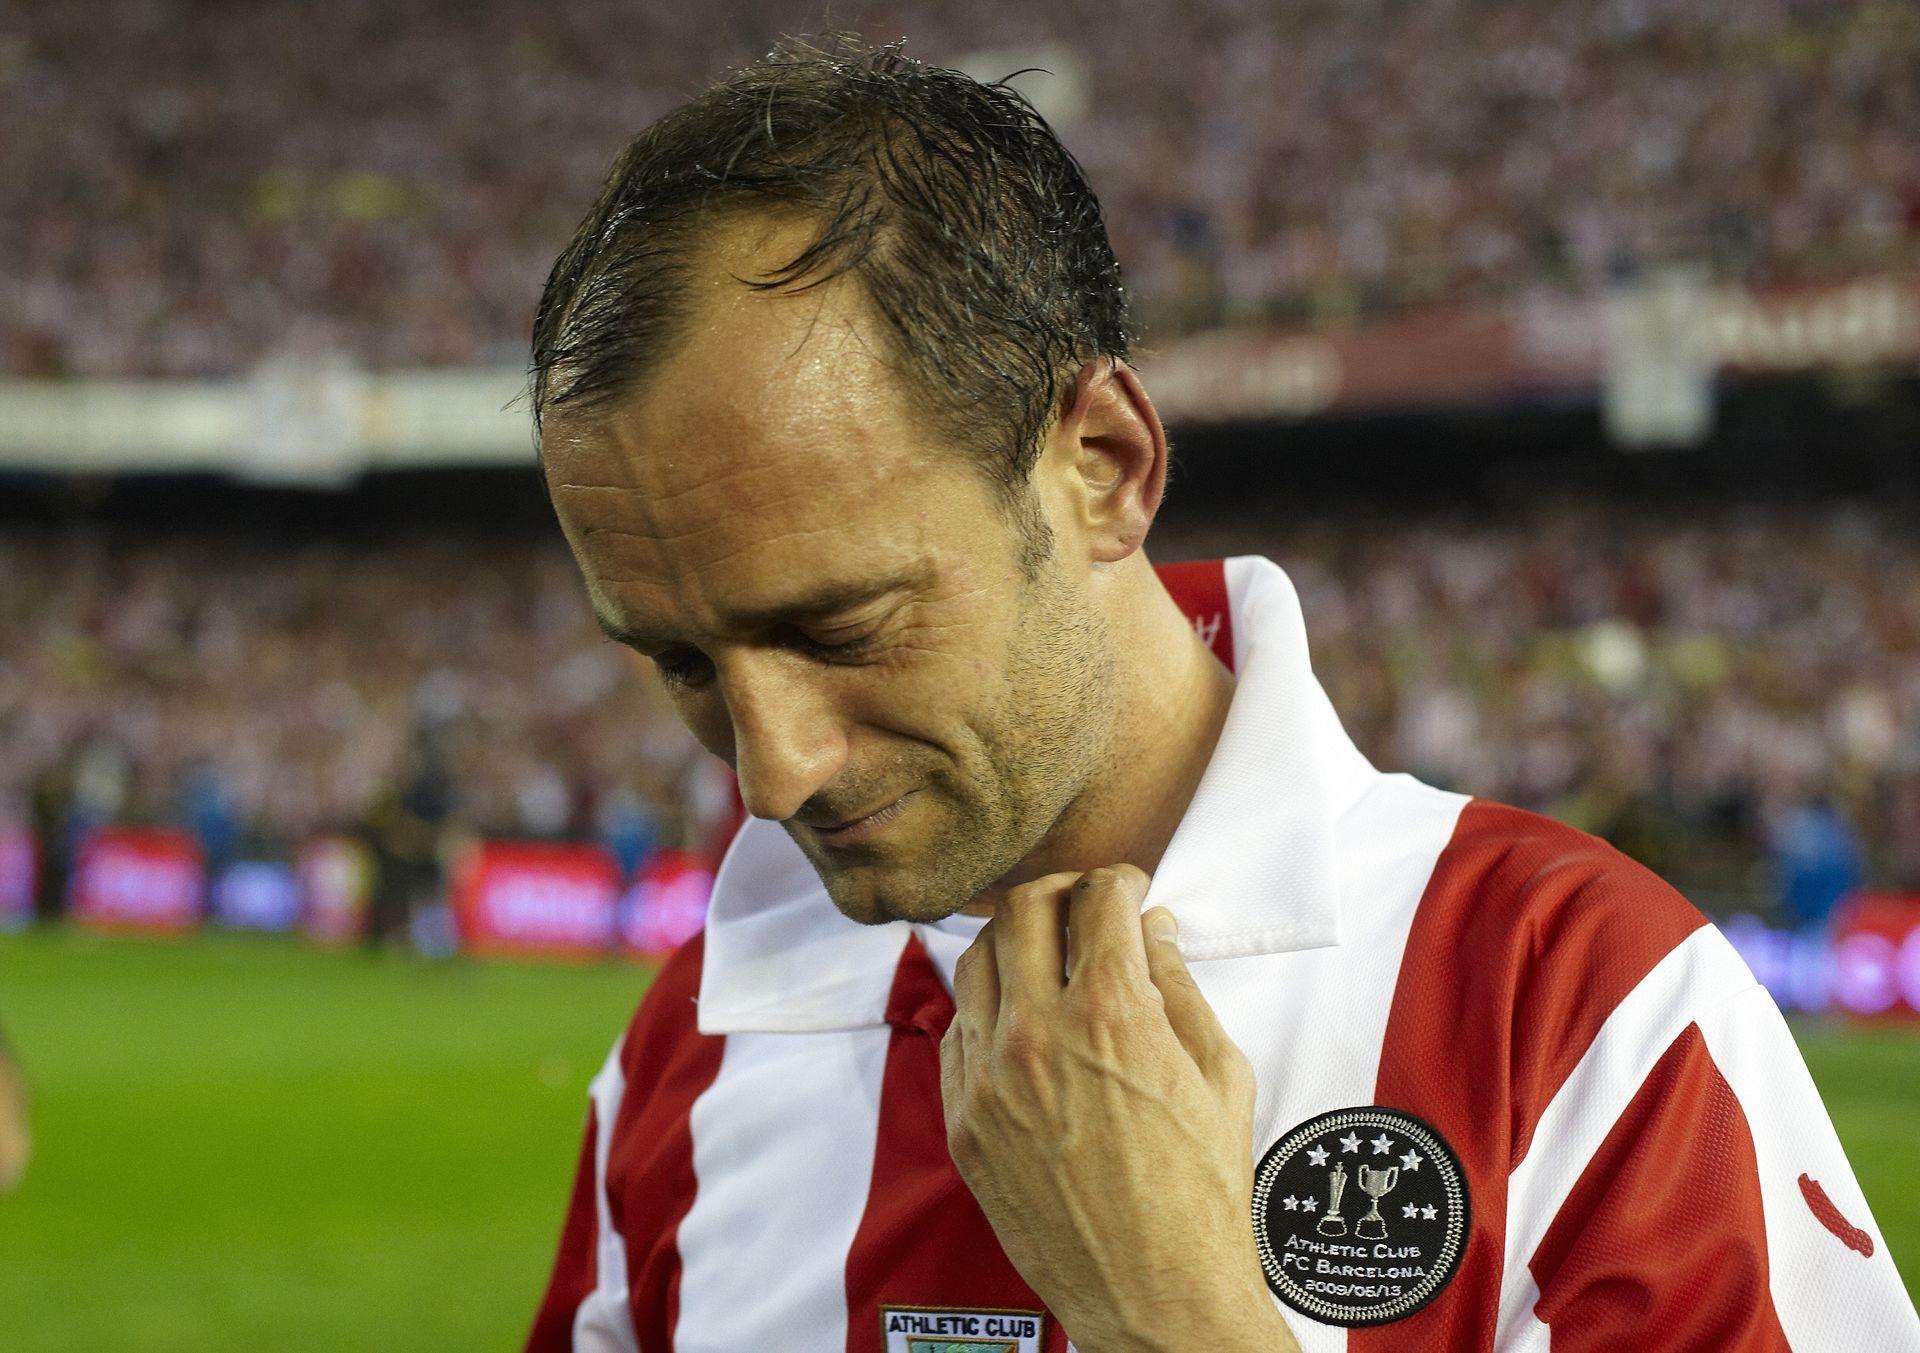 Хосеба Ечеберия плаче след загубен финал за Купата на краля от Барселона. Символът на клуба отказа заплата в последния си сезон, за да се отблагодари на Атлетик